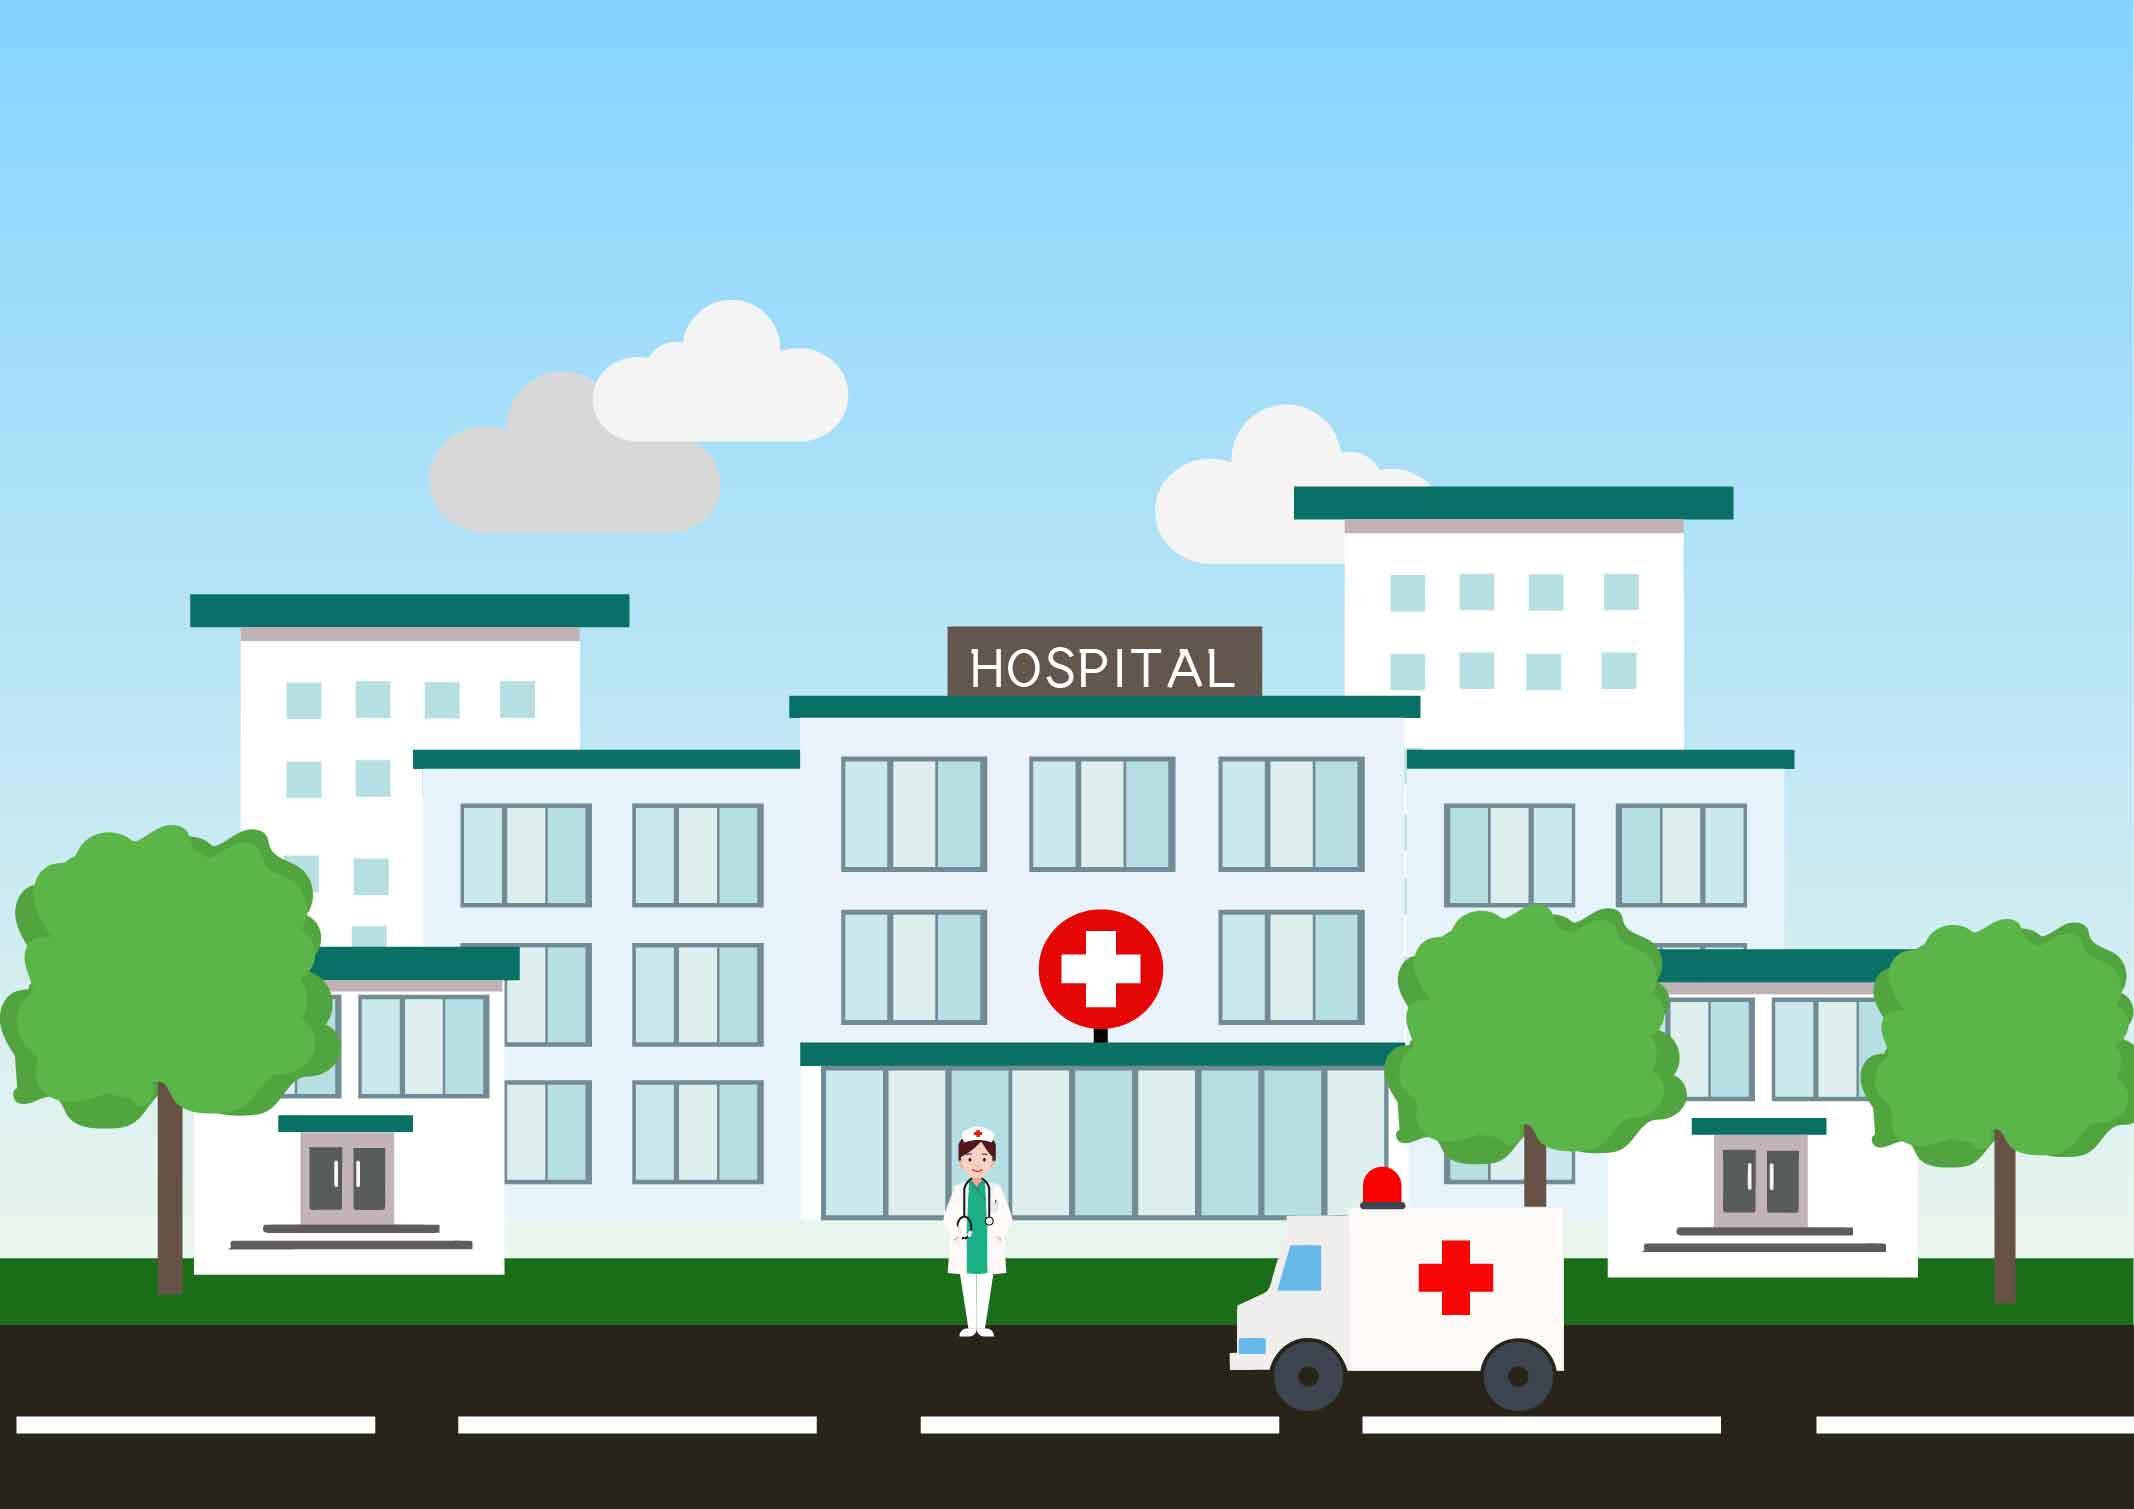 天津医保信息平台将于10月22日至10月31日进行系统切换、上线调试